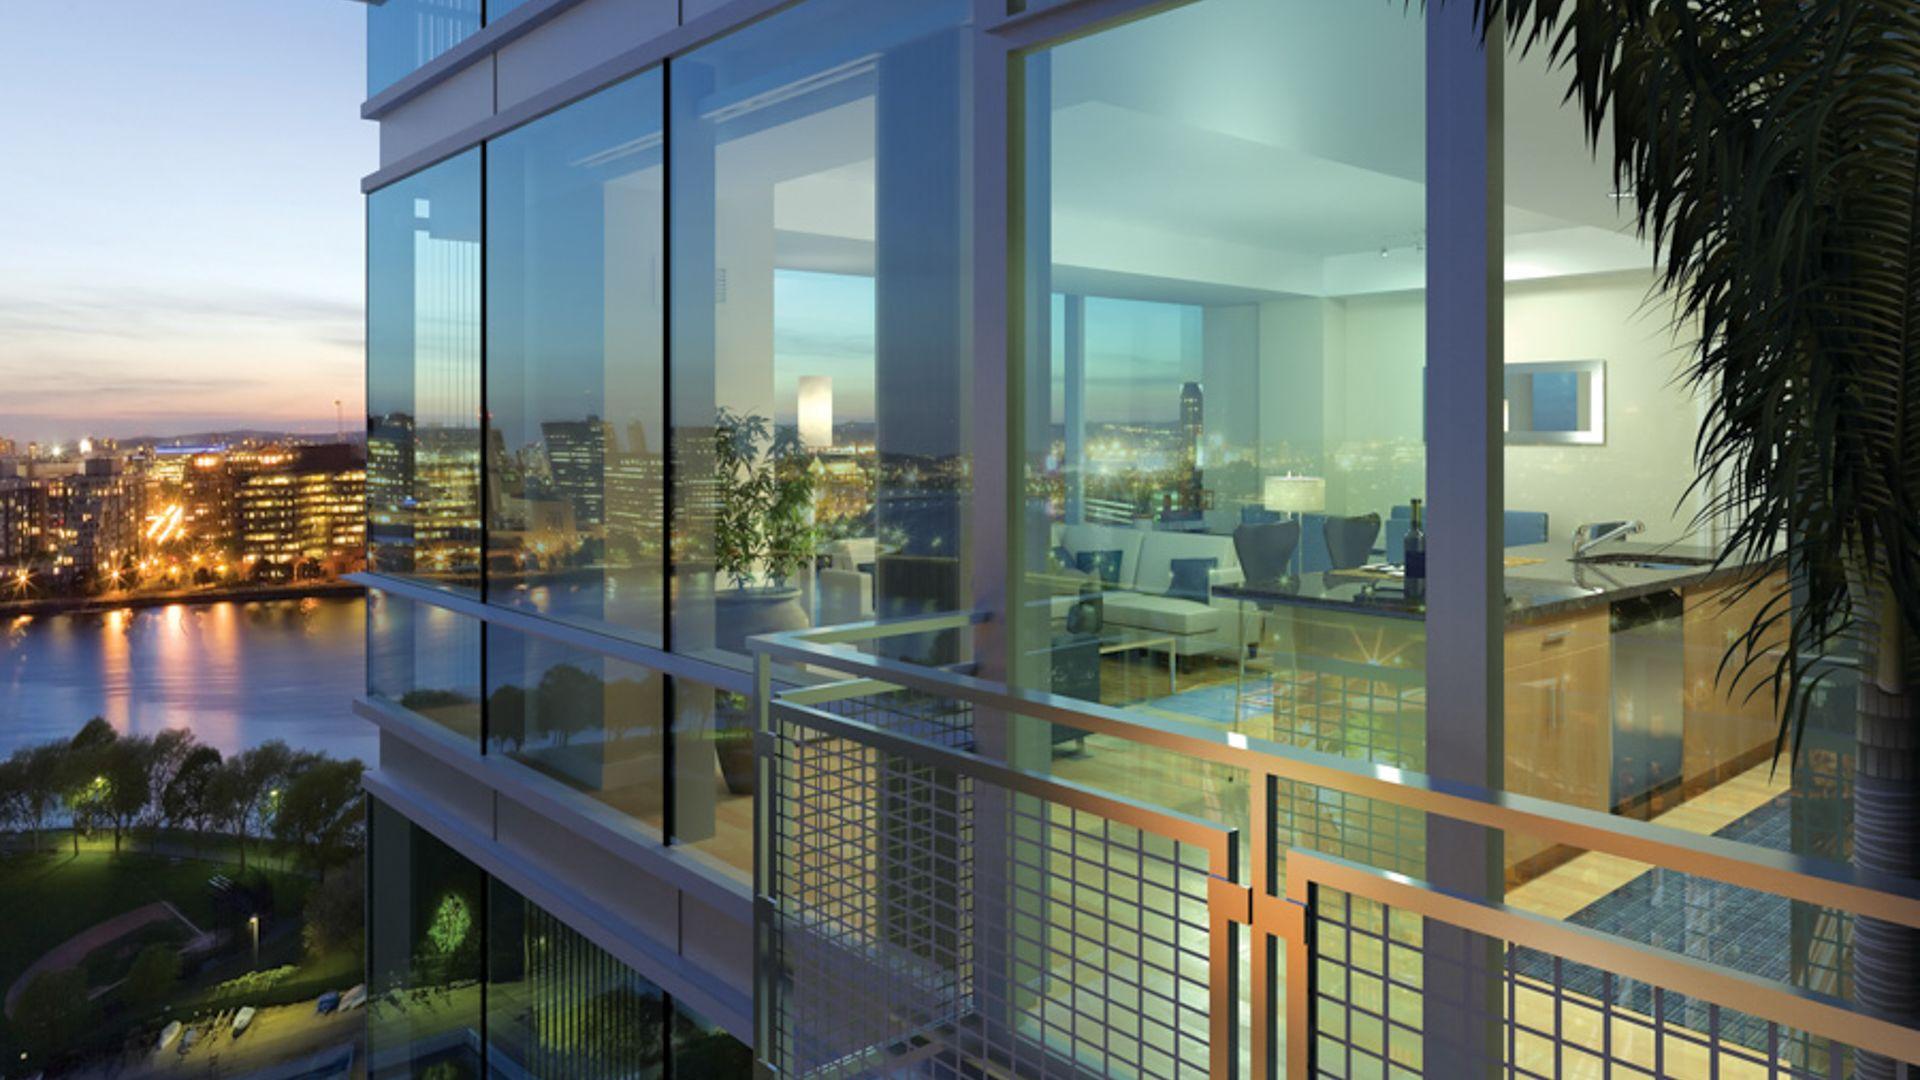 The West End Apartments-Vesta - Building